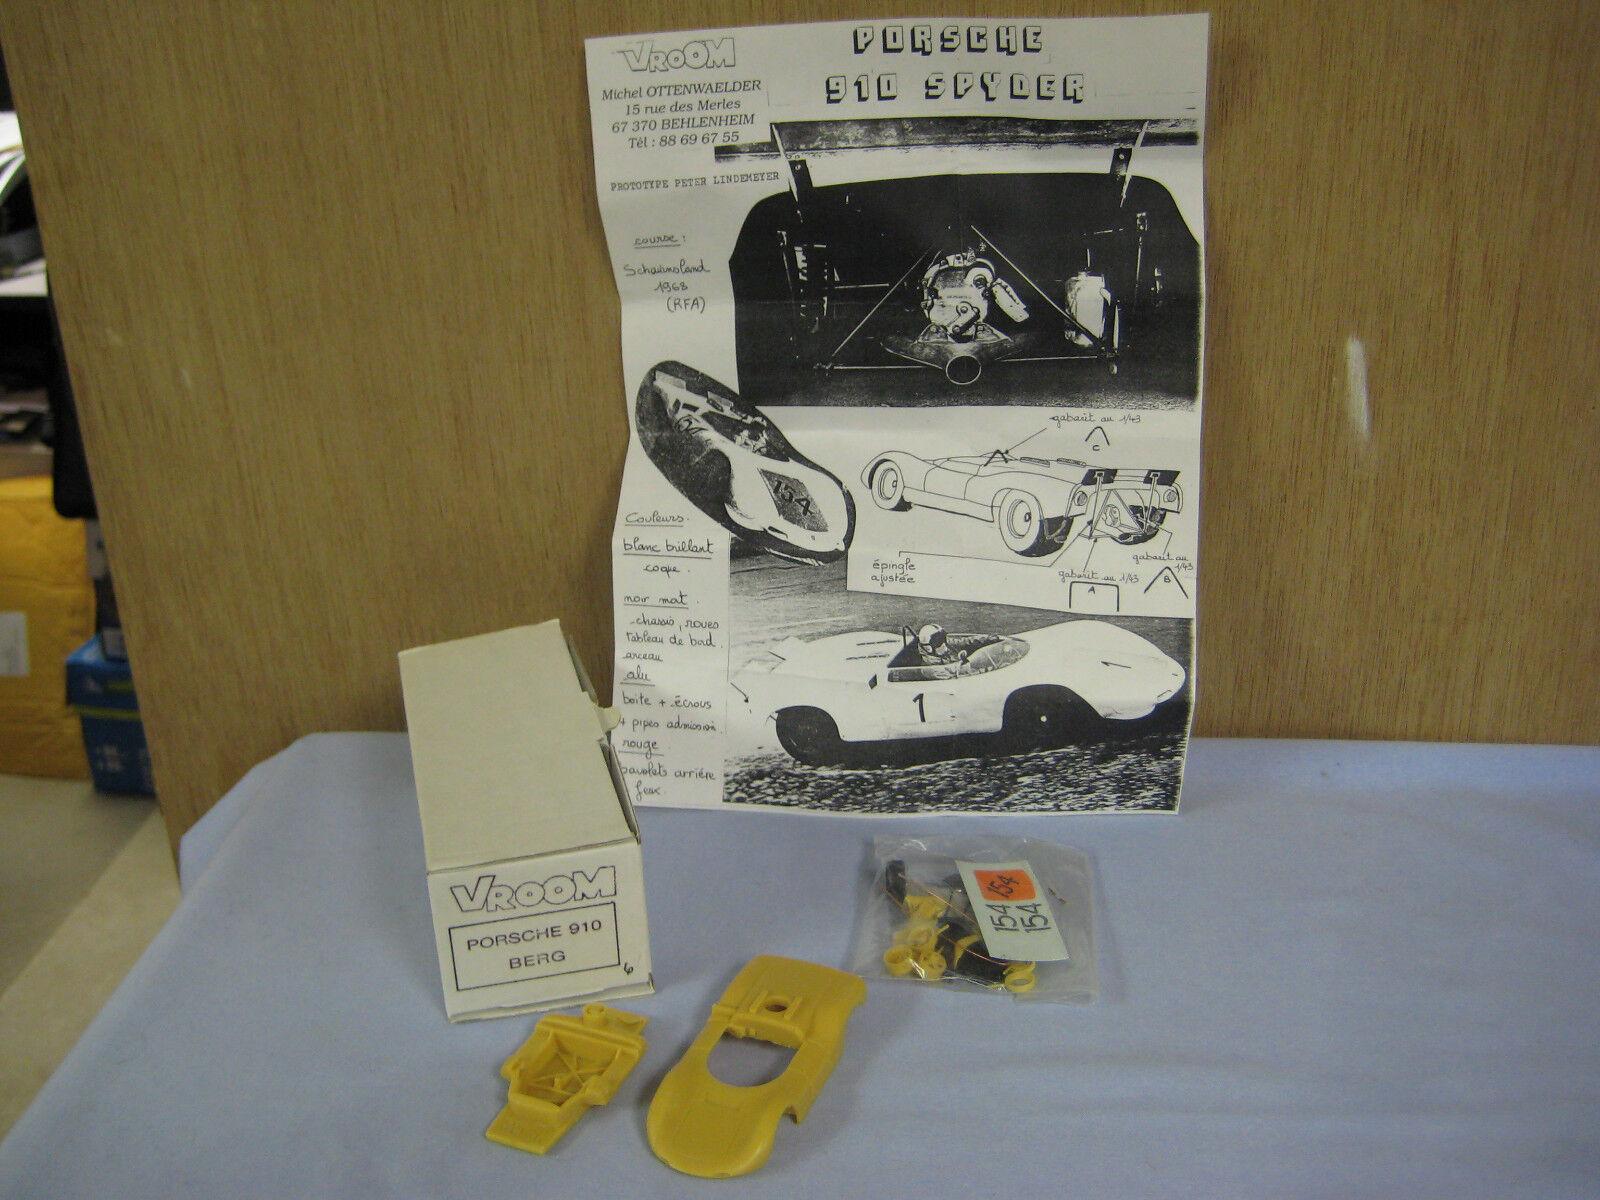 Neue, erbaut, um porsche 910 spyder, schauinsland 1968, 1   43   modell kit